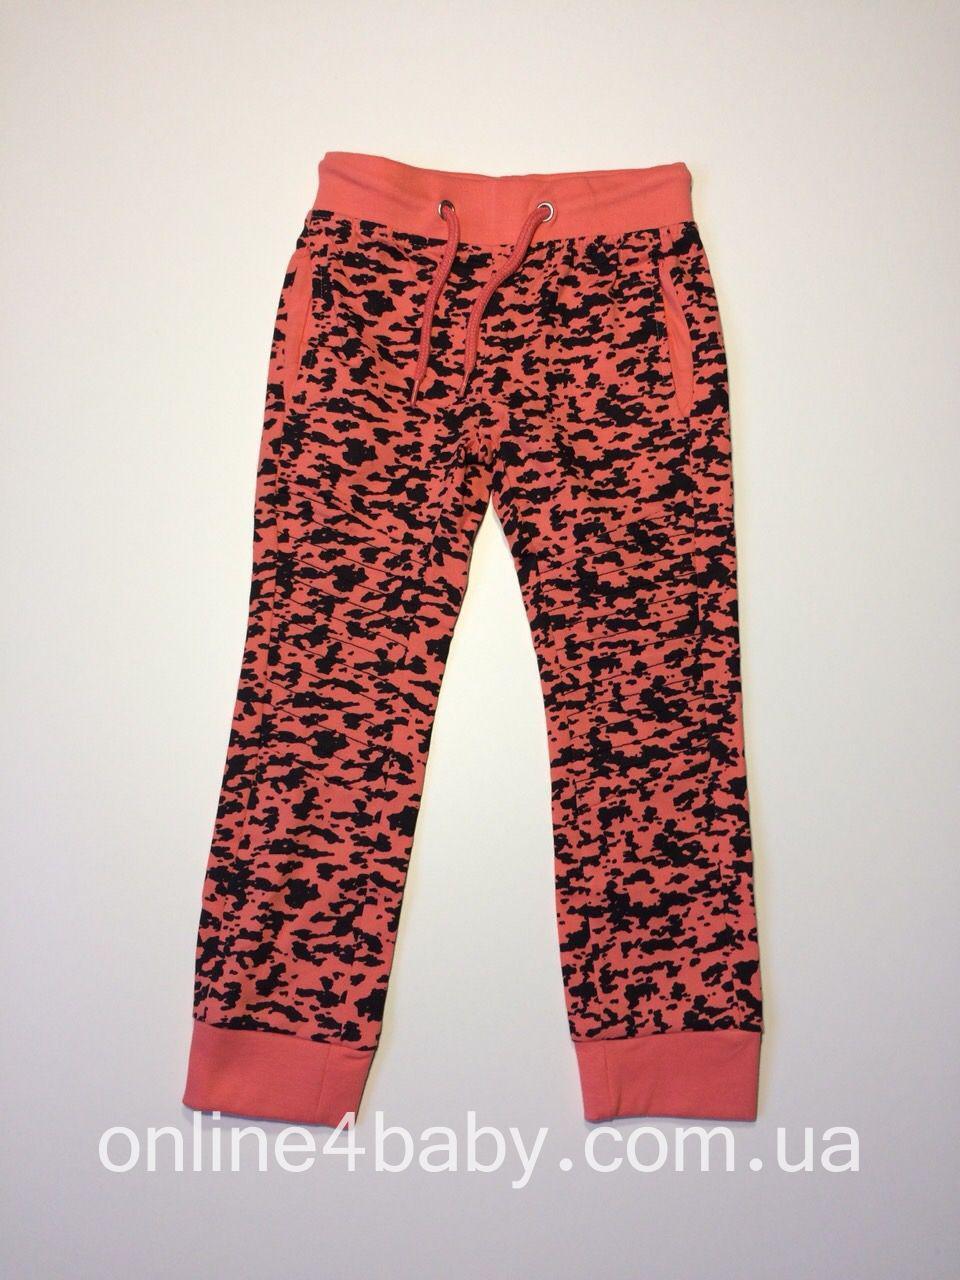 Детские спортивные штаны на девочку 6-8 лет, рост 122-128